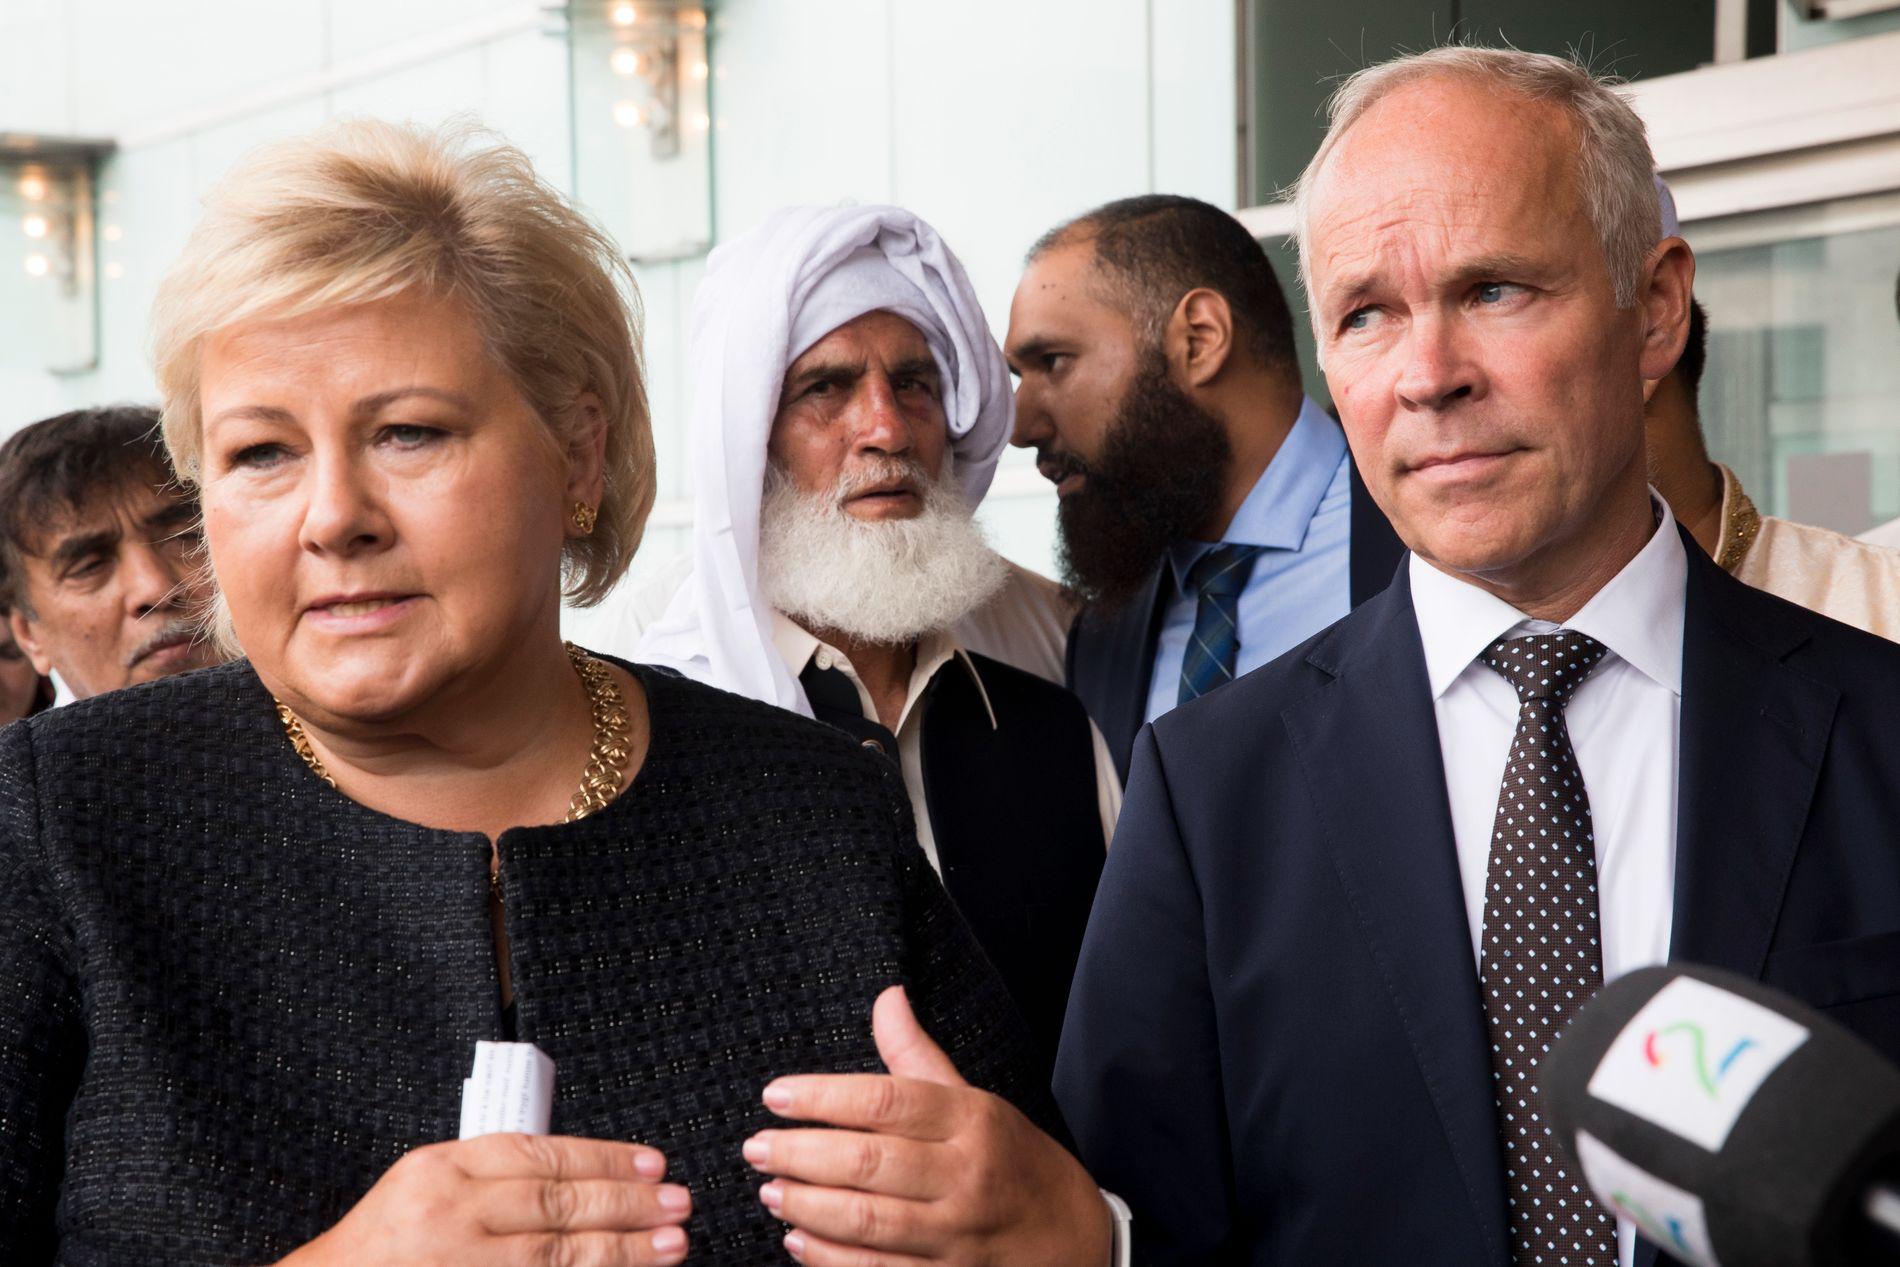 VISTE STØTTE: Statsminister Erna Solberg (H) og integreringsminister Jan Tore Sanner (H) vitja Al-Noor-moskeen søndag. I bakgrunnen står 65 år gamle Mohammed Rafiq (til v.), som stoppa gjerningsmannen laurdag.